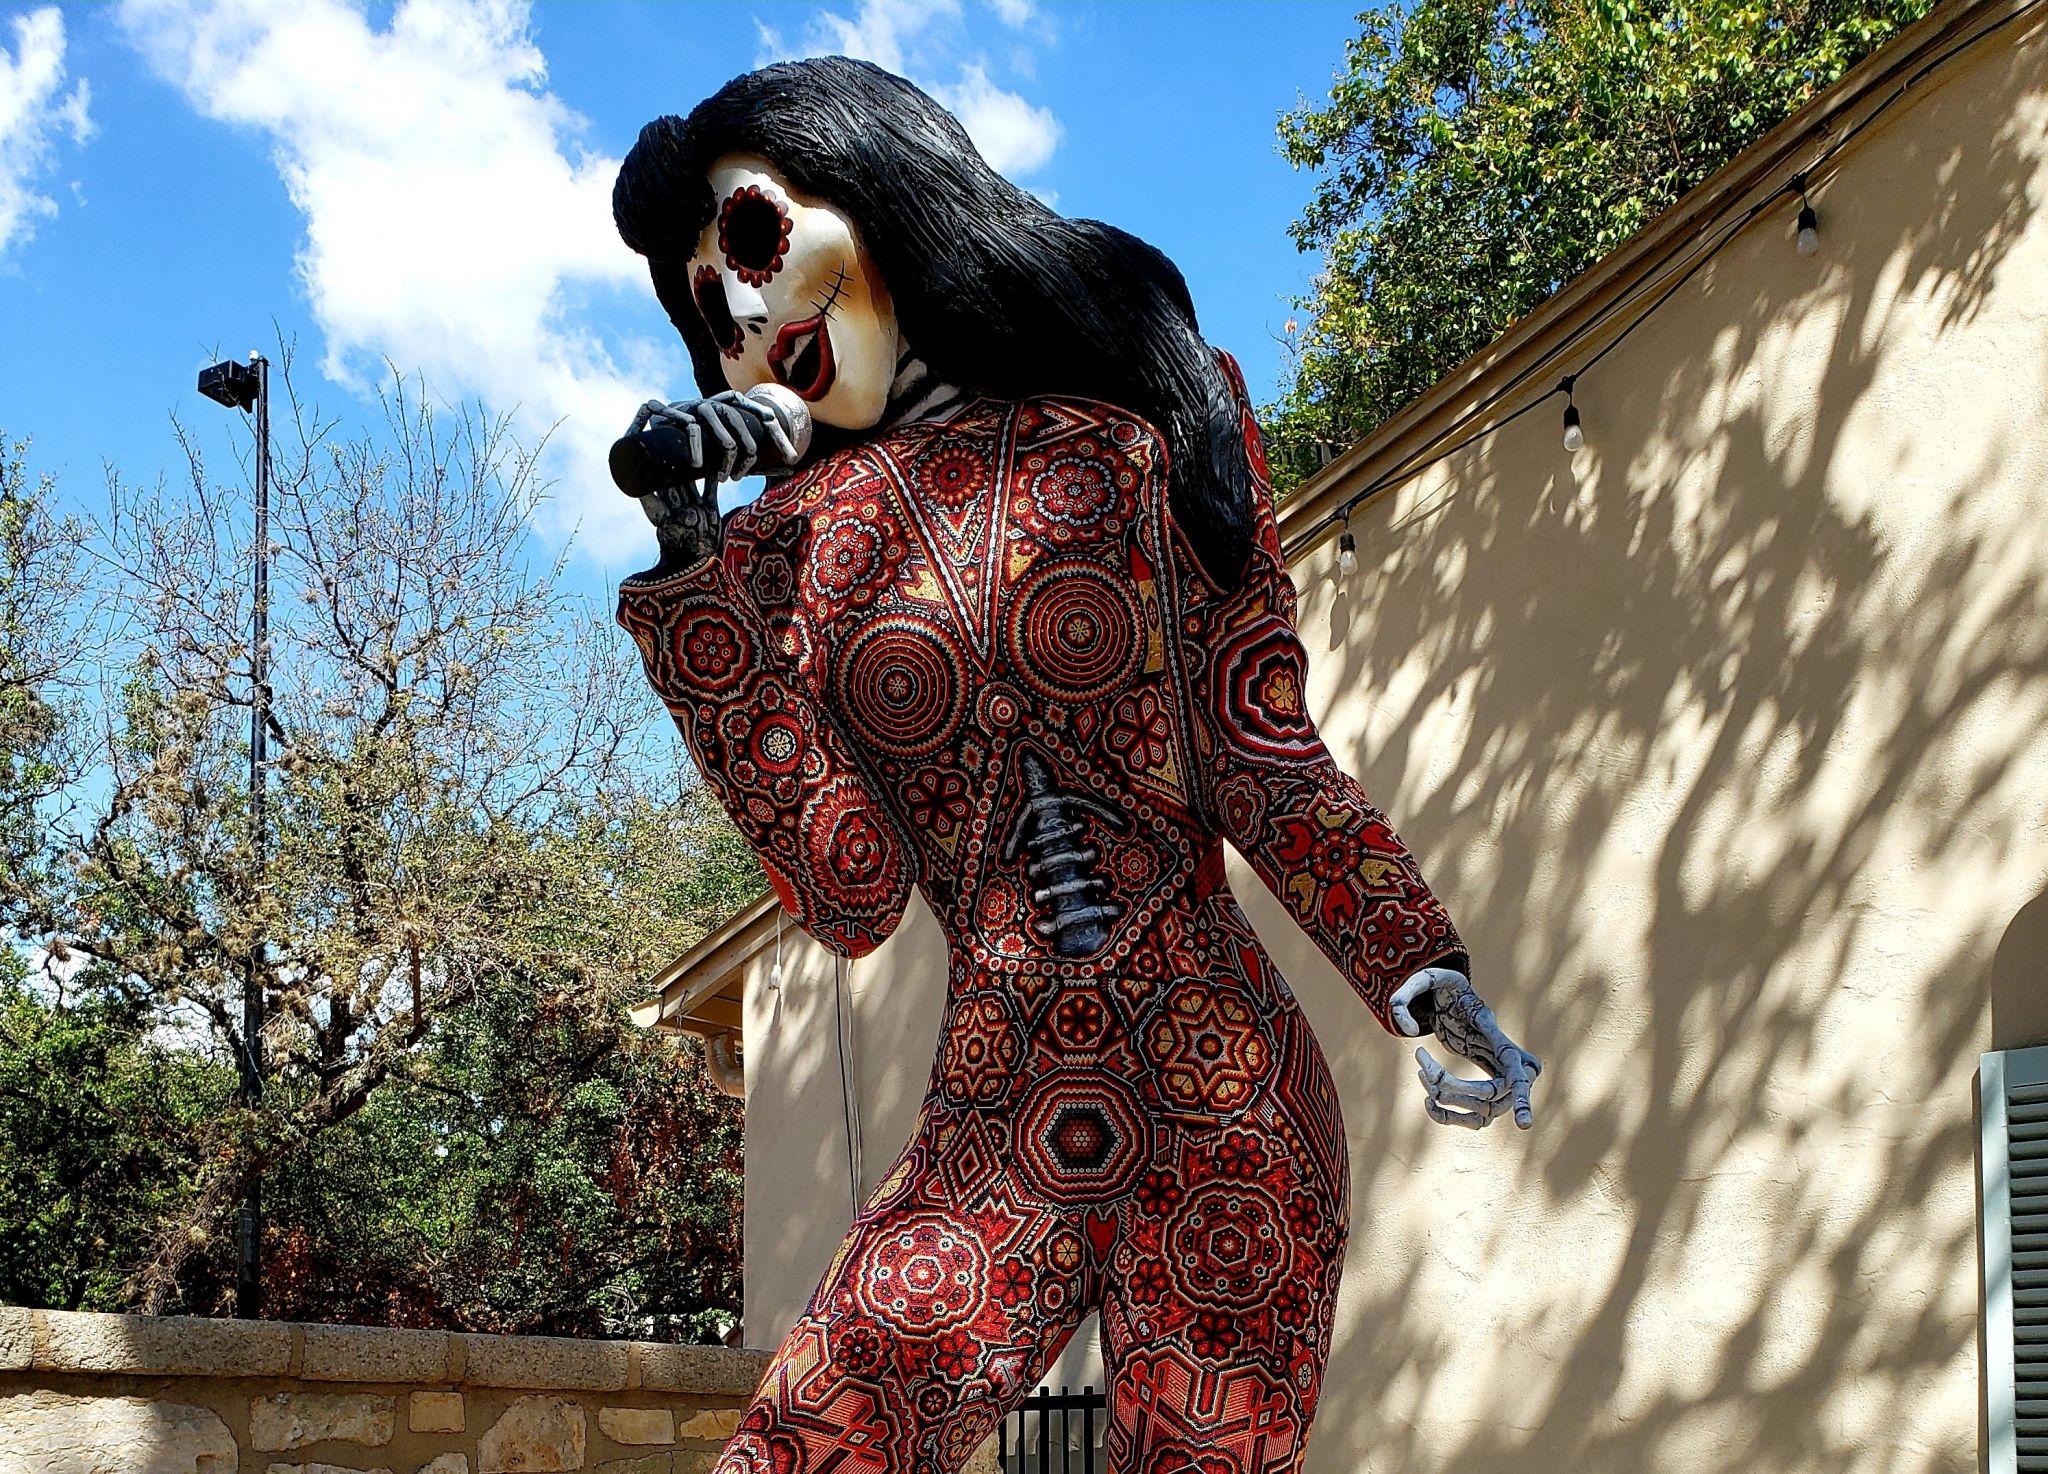 Selena Día de los Muertos 'catrina' unveiled at La Villita, returning in November